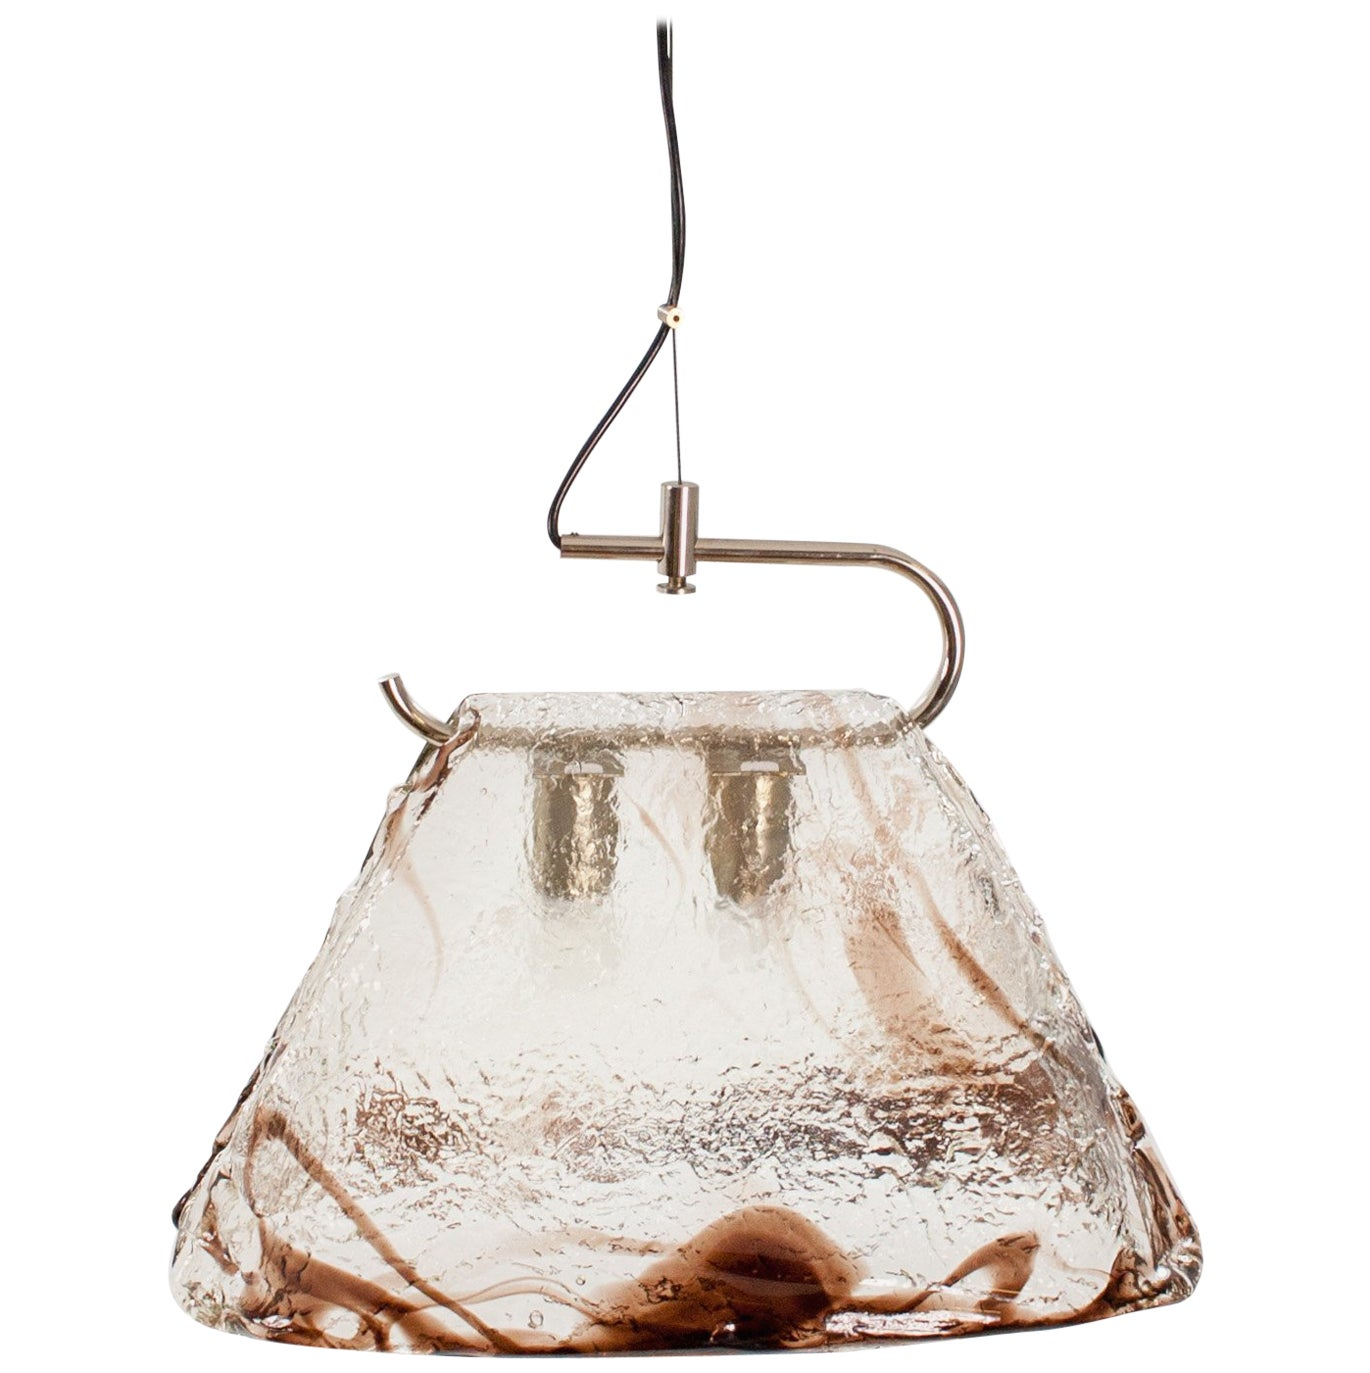 Murano Glass Pendant Lamp by Carlo Nason for Mazzega, 1970s